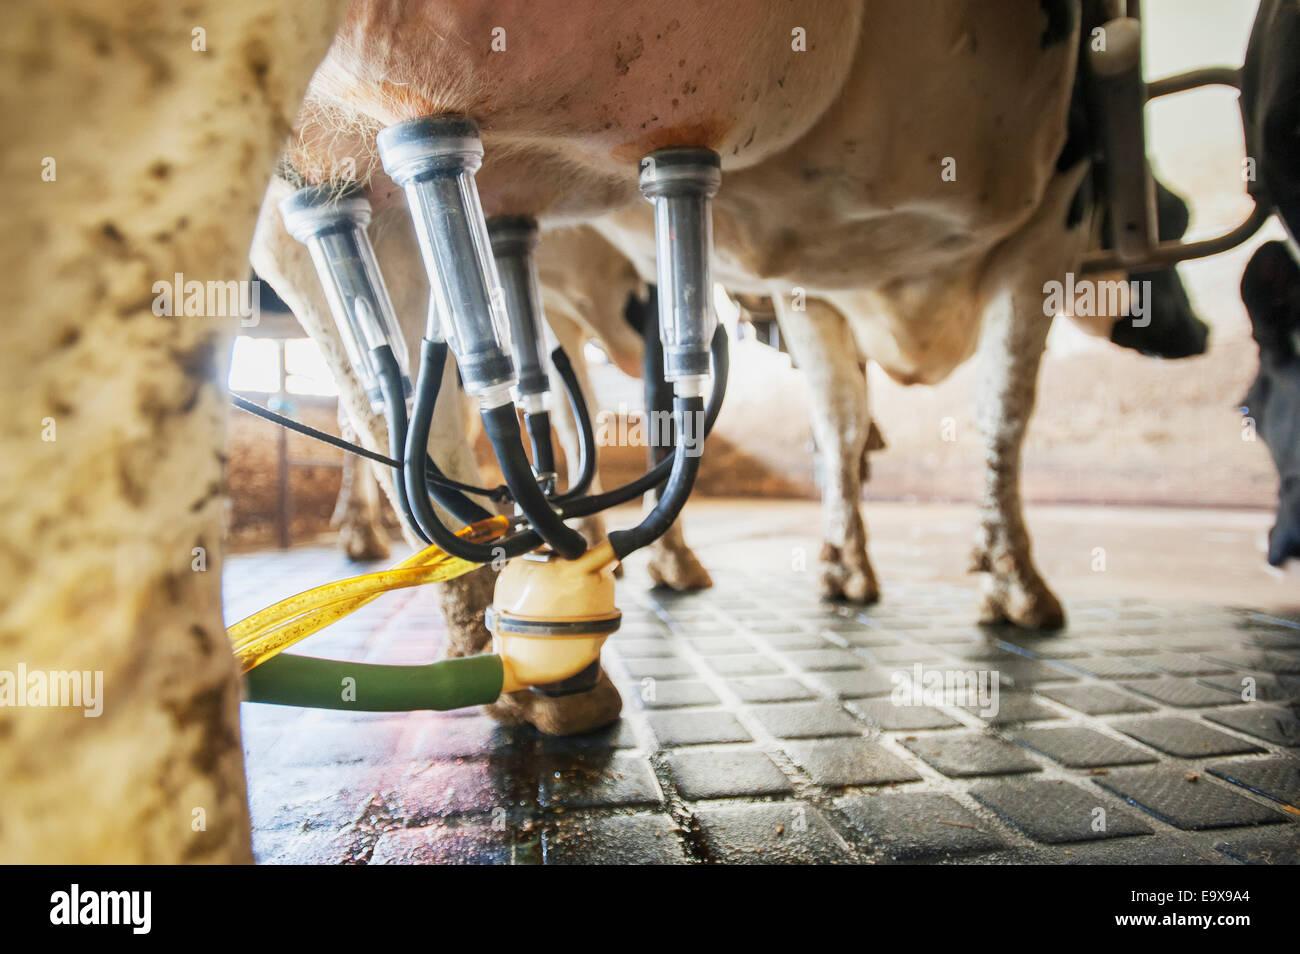 Cerca del equipo de ordeño adjunta a la vaca lechera; Ridgely, Maryland, Estados Unidos de América Imagen De Stock